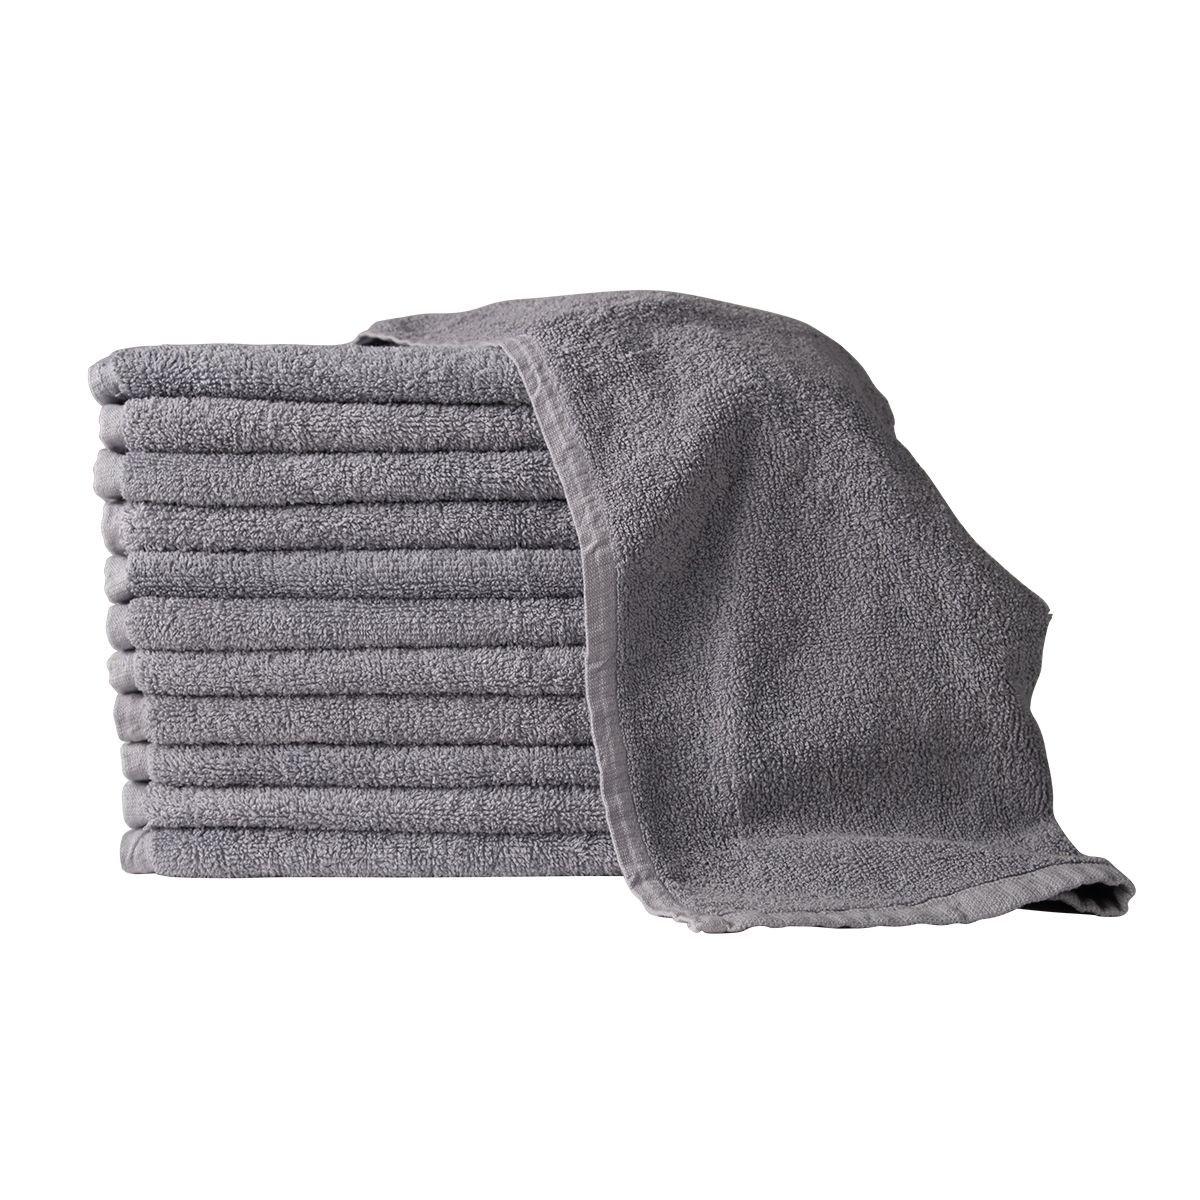 Gray Salon Towel 100% Cotton 16''x27''. Hand Towel - 6 DOZEN (72 Pack) by A&H (Image #3)